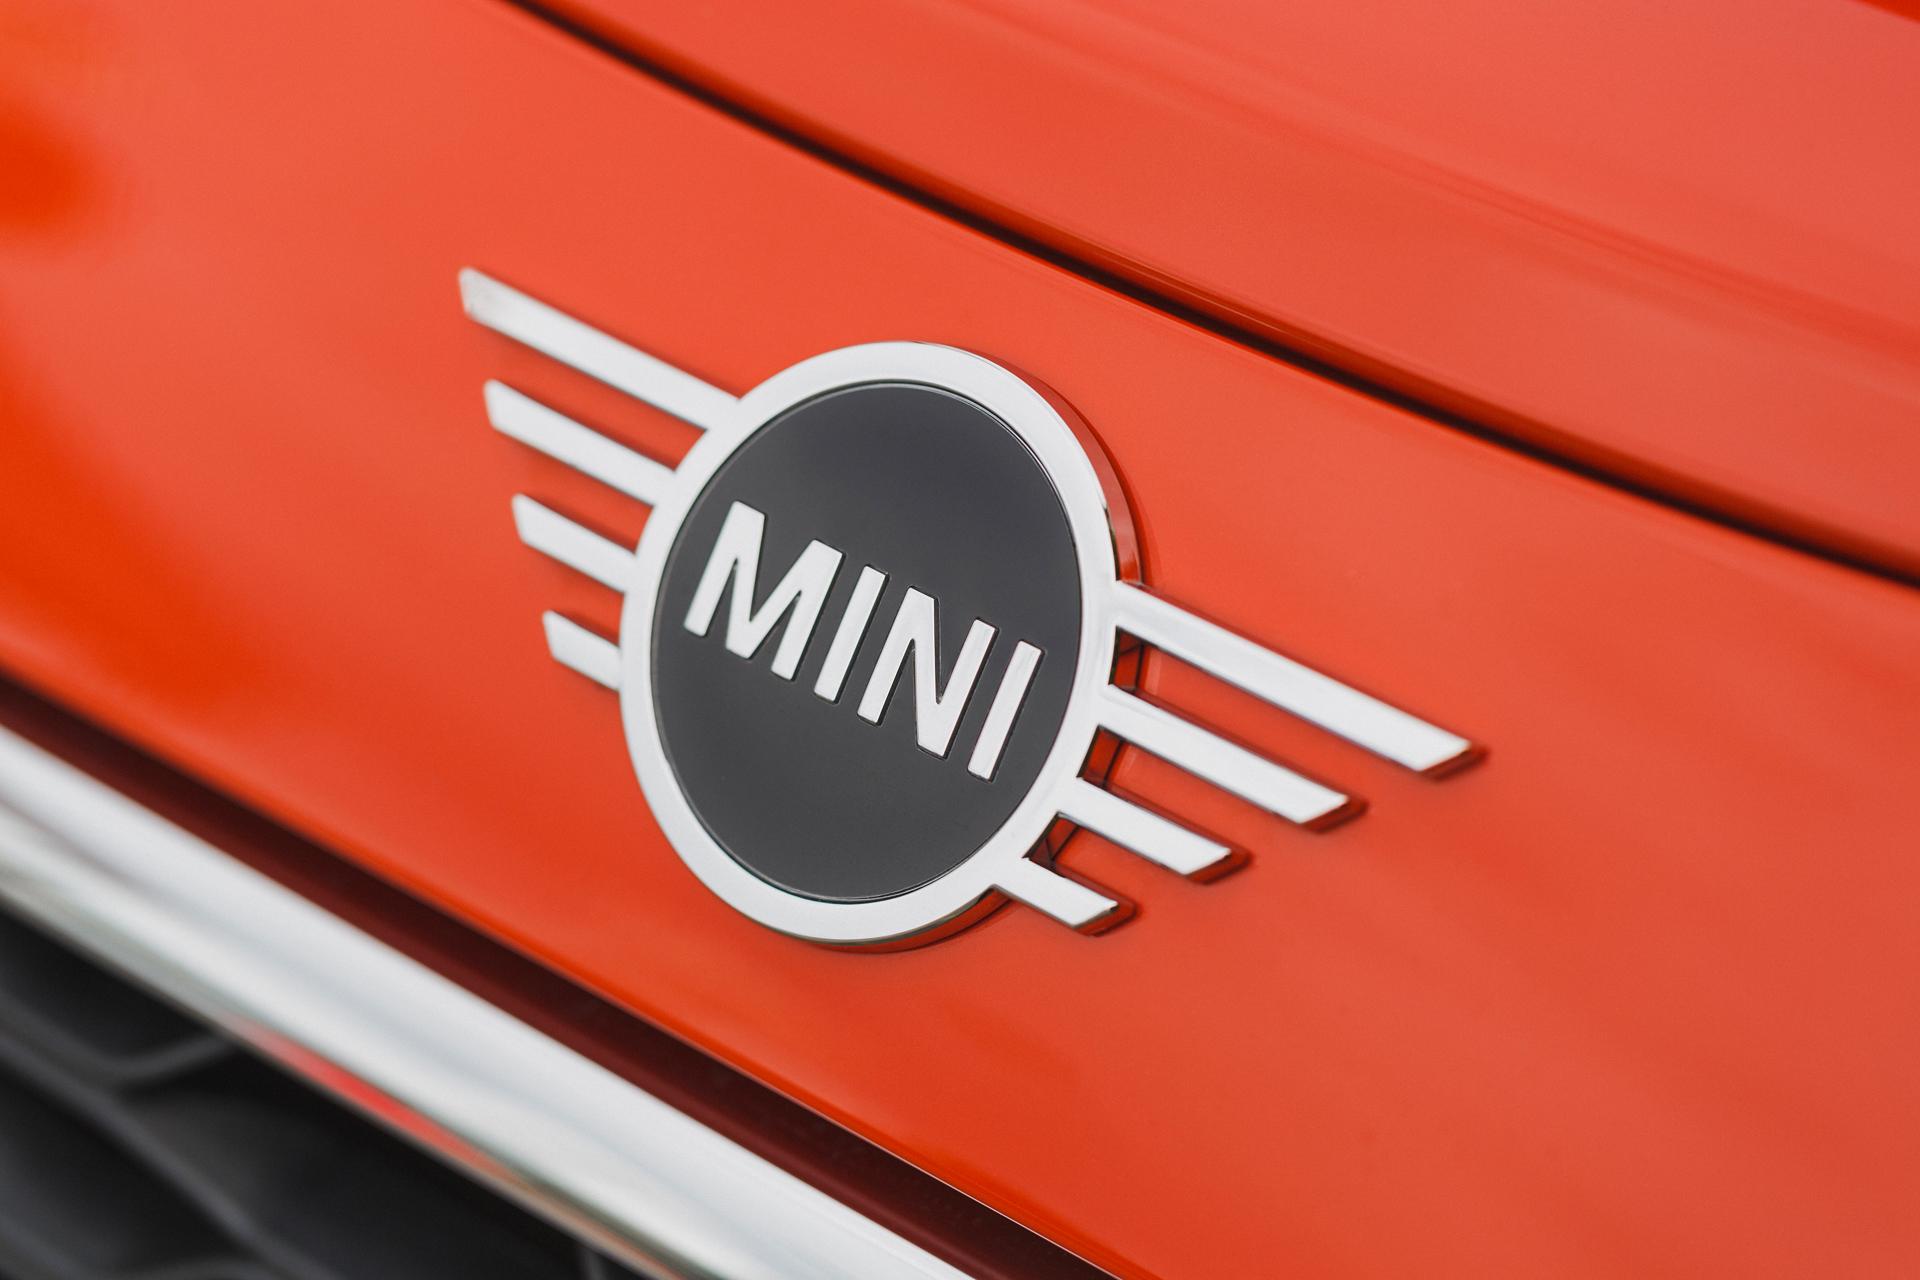 MINI 3-Door Hatch_1.3_S3_7020.jpg